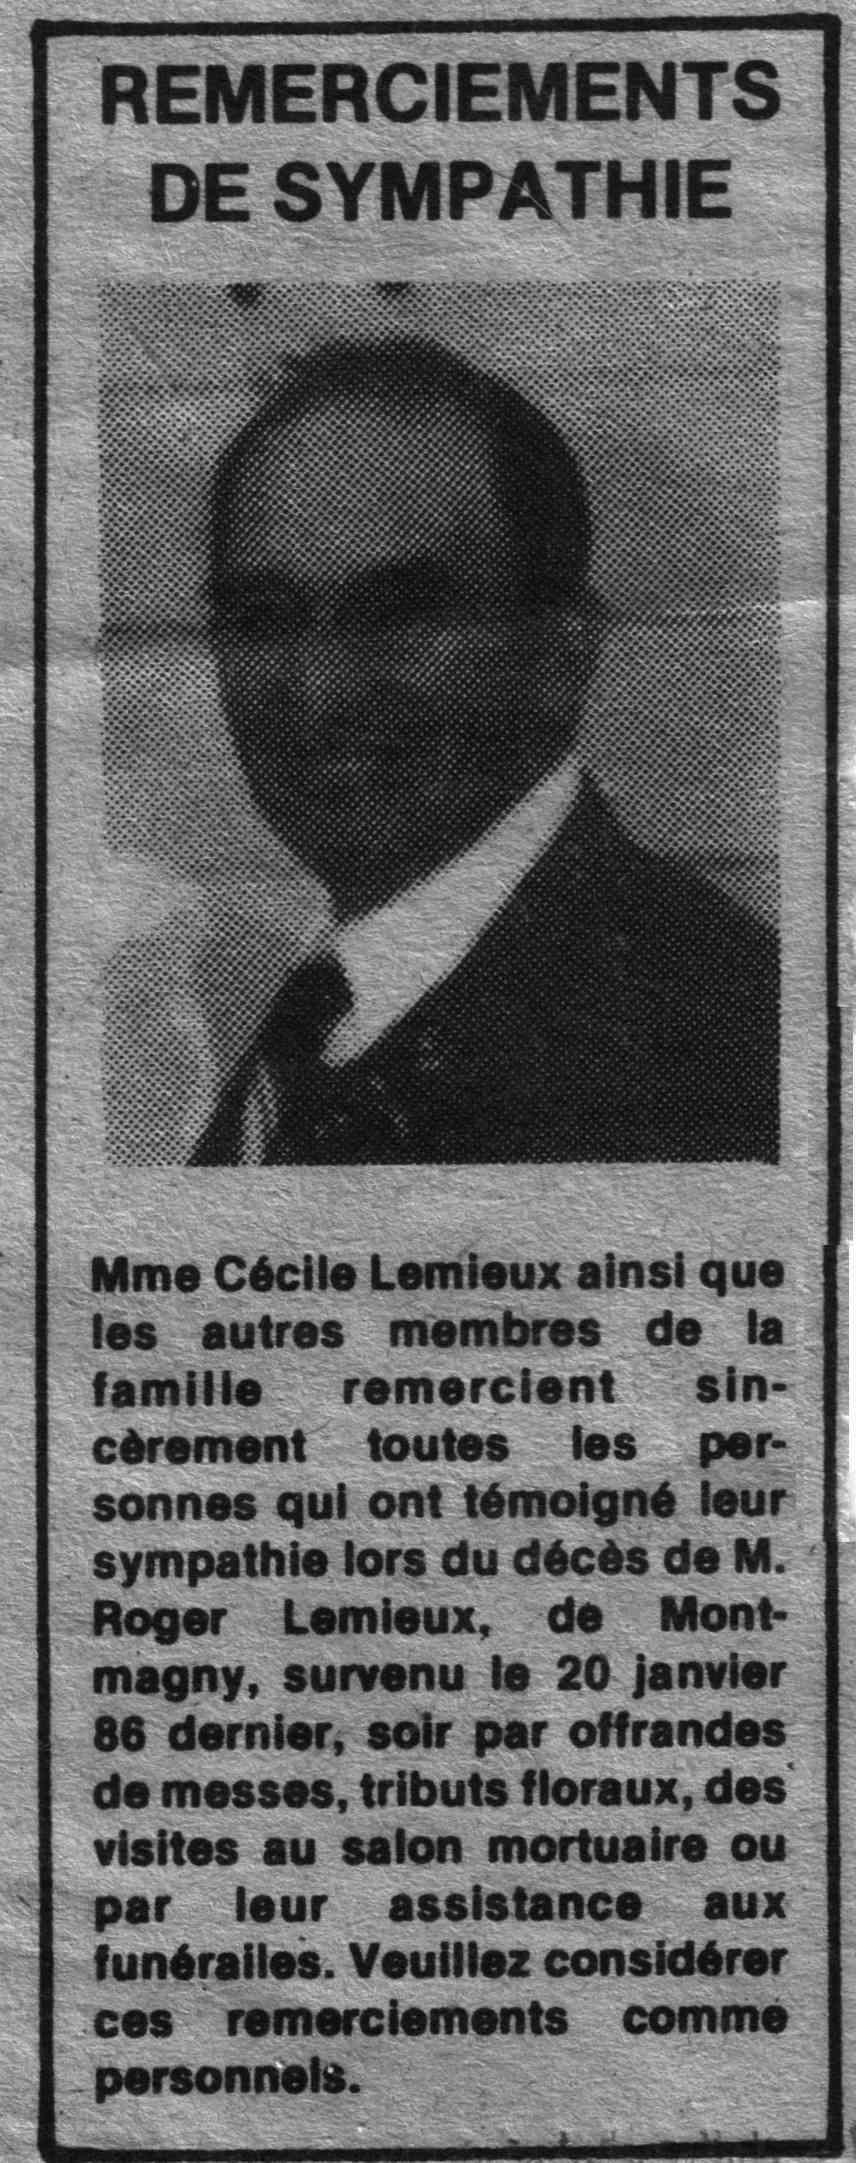 Lemieux, Roger, Remerciements de sympathies Remerc11